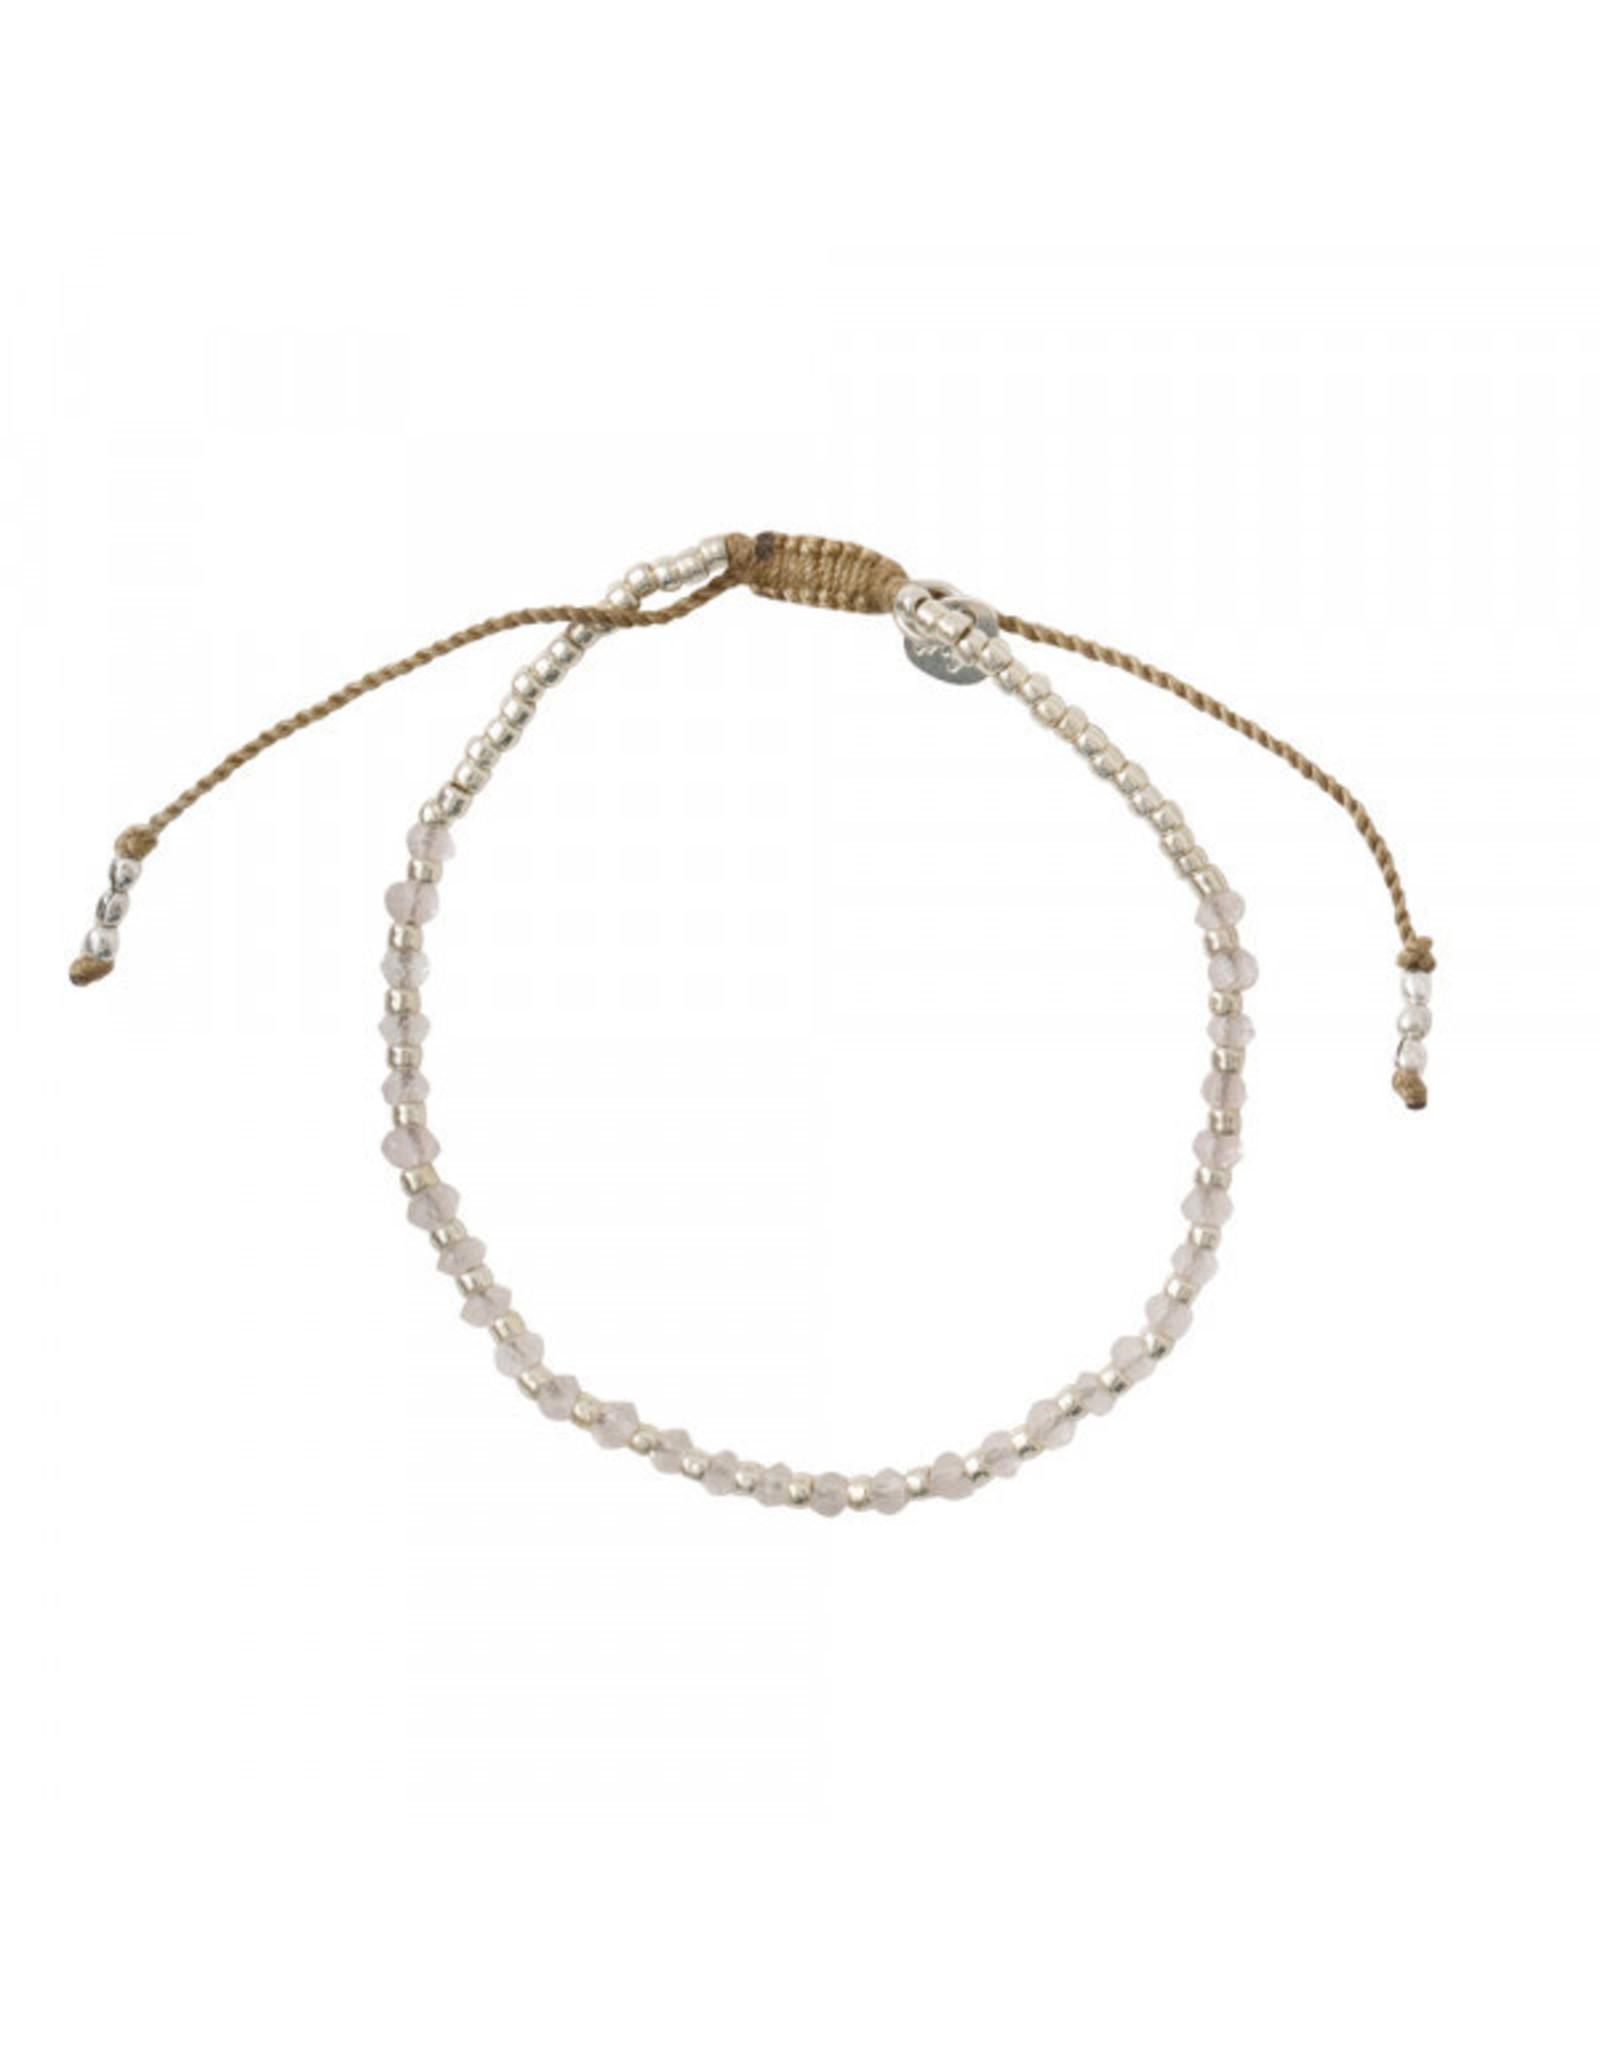 A beautiful Story A Beautiful Story - Beautiful Rose Quartz Silver Bracelet